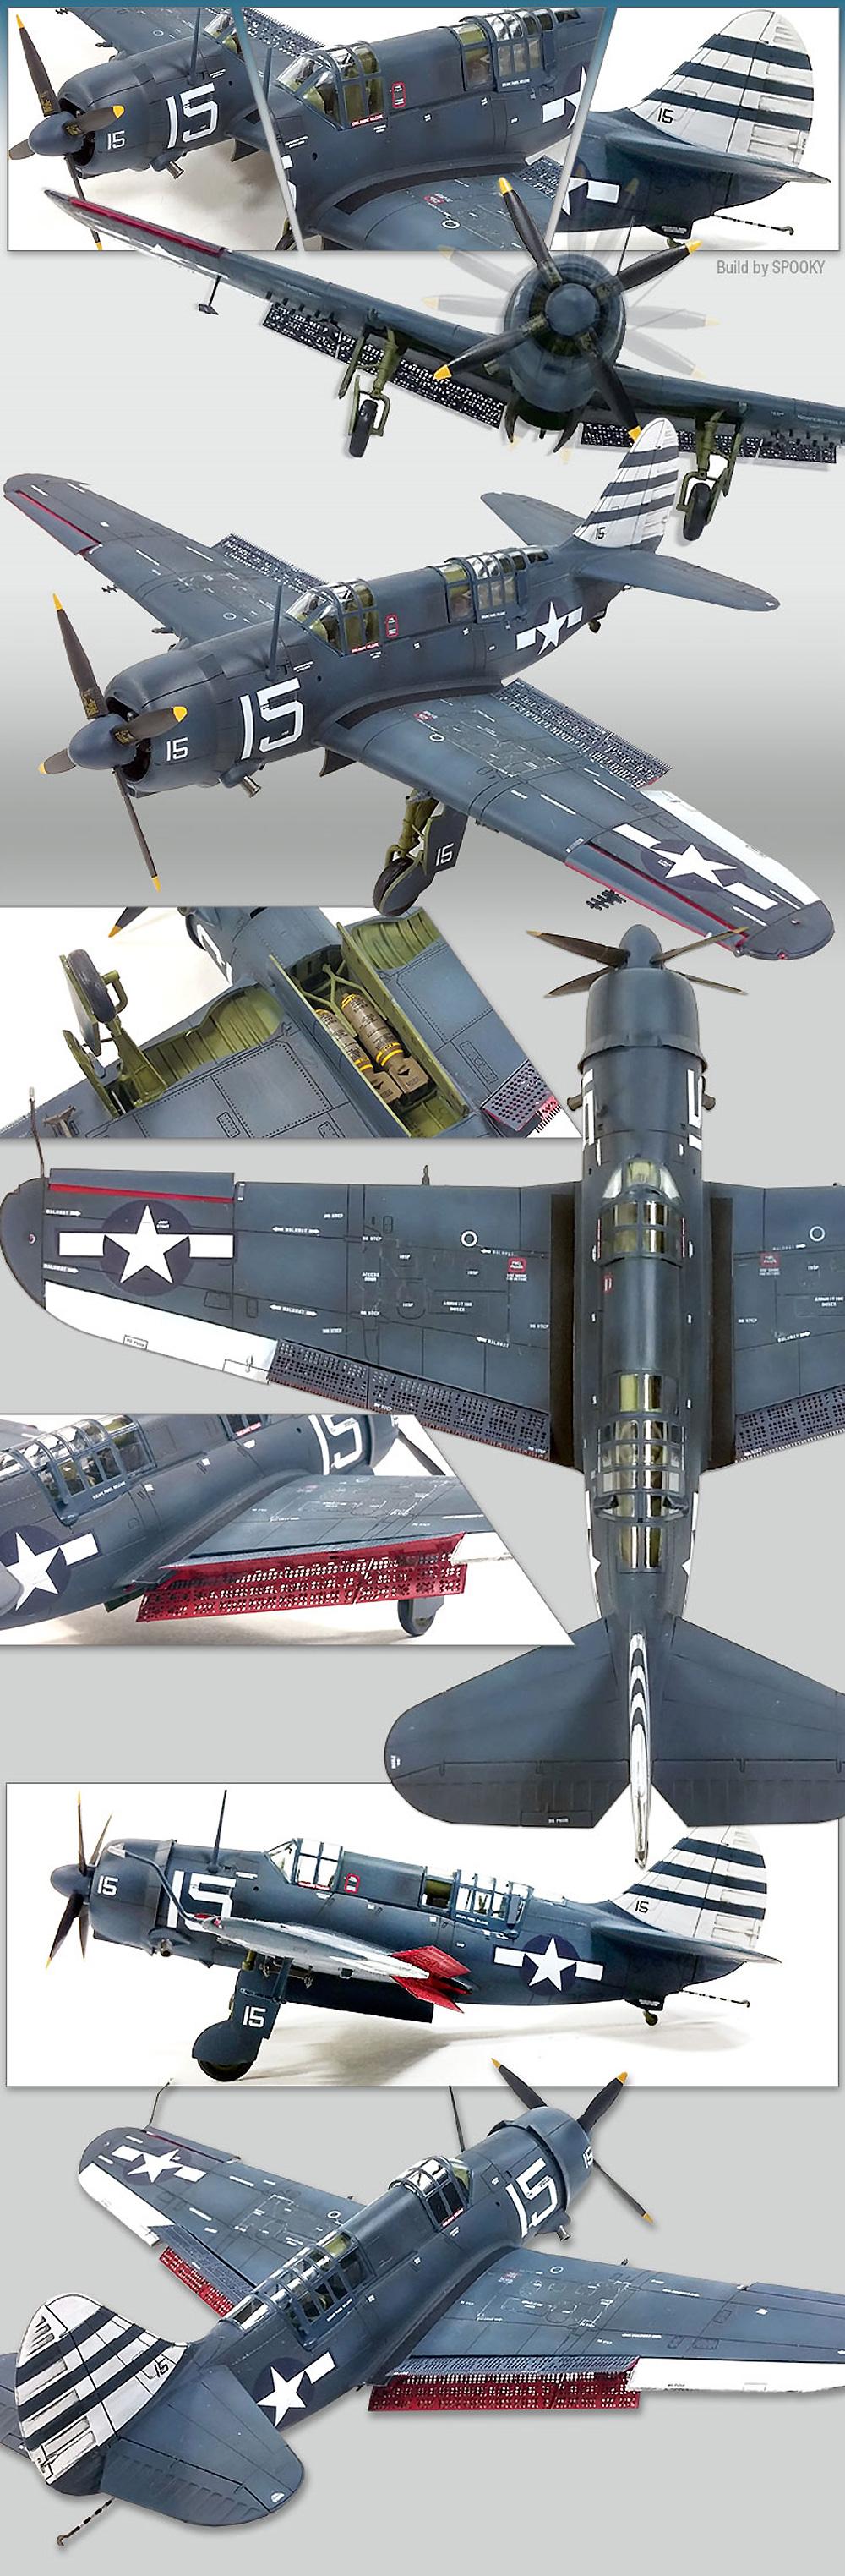 アメリカ海軍 SB2C-4 ヘルダイバー アイスバーグ作戦プラモデル(アカデミー1/72 AircraftsNo.12545)商品画像_3